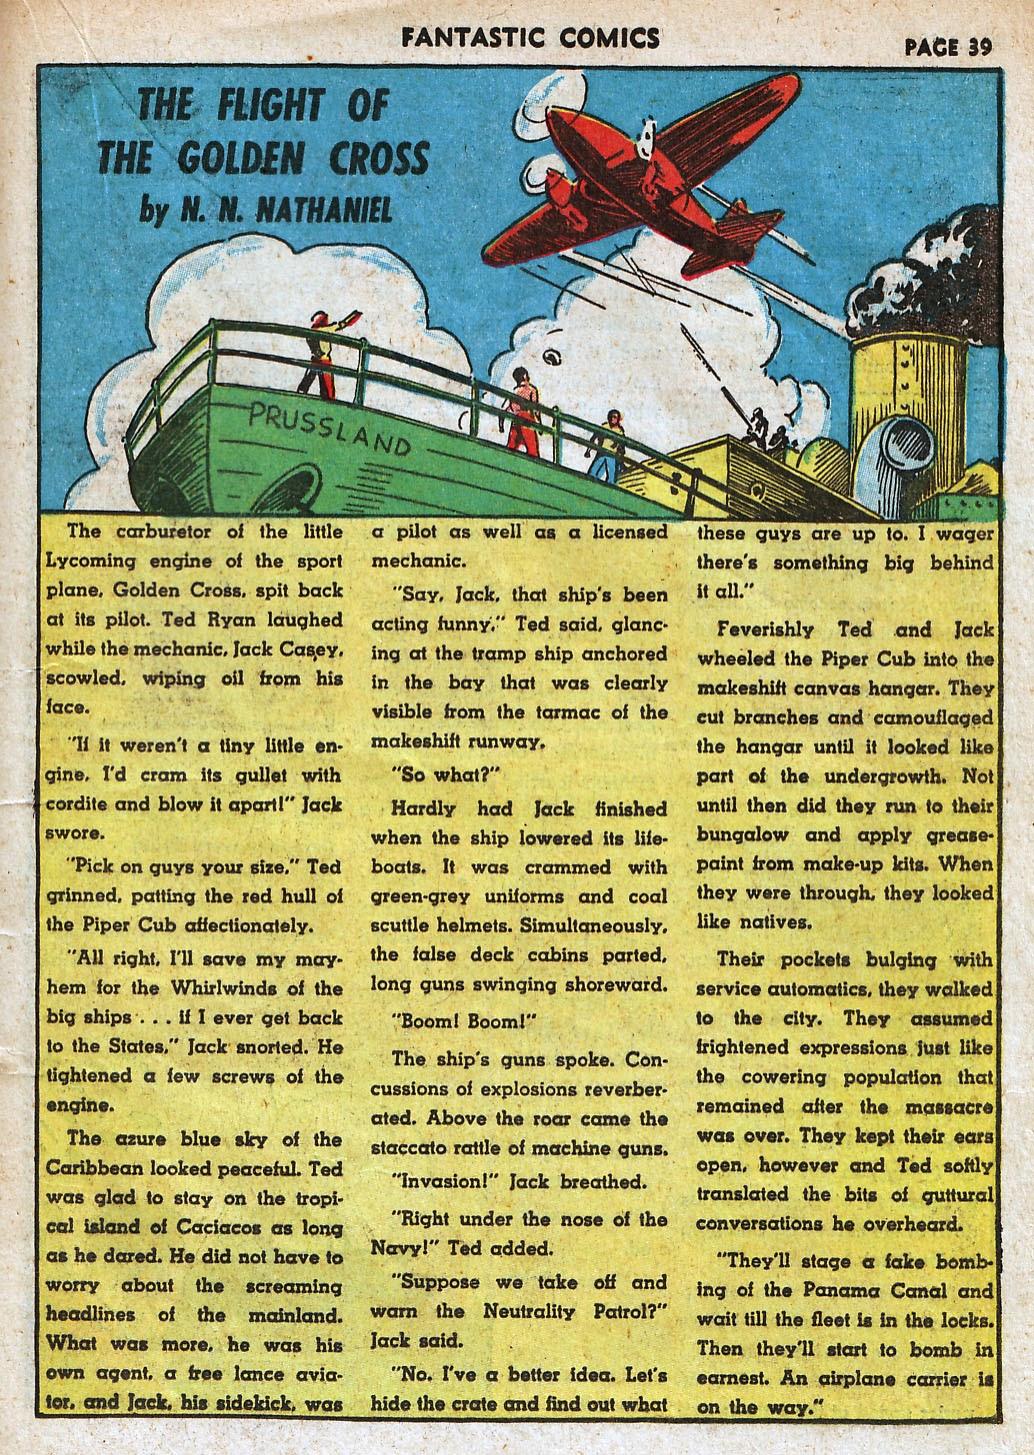 Read online Fantastic Comics comic -  Issue #18 - 41